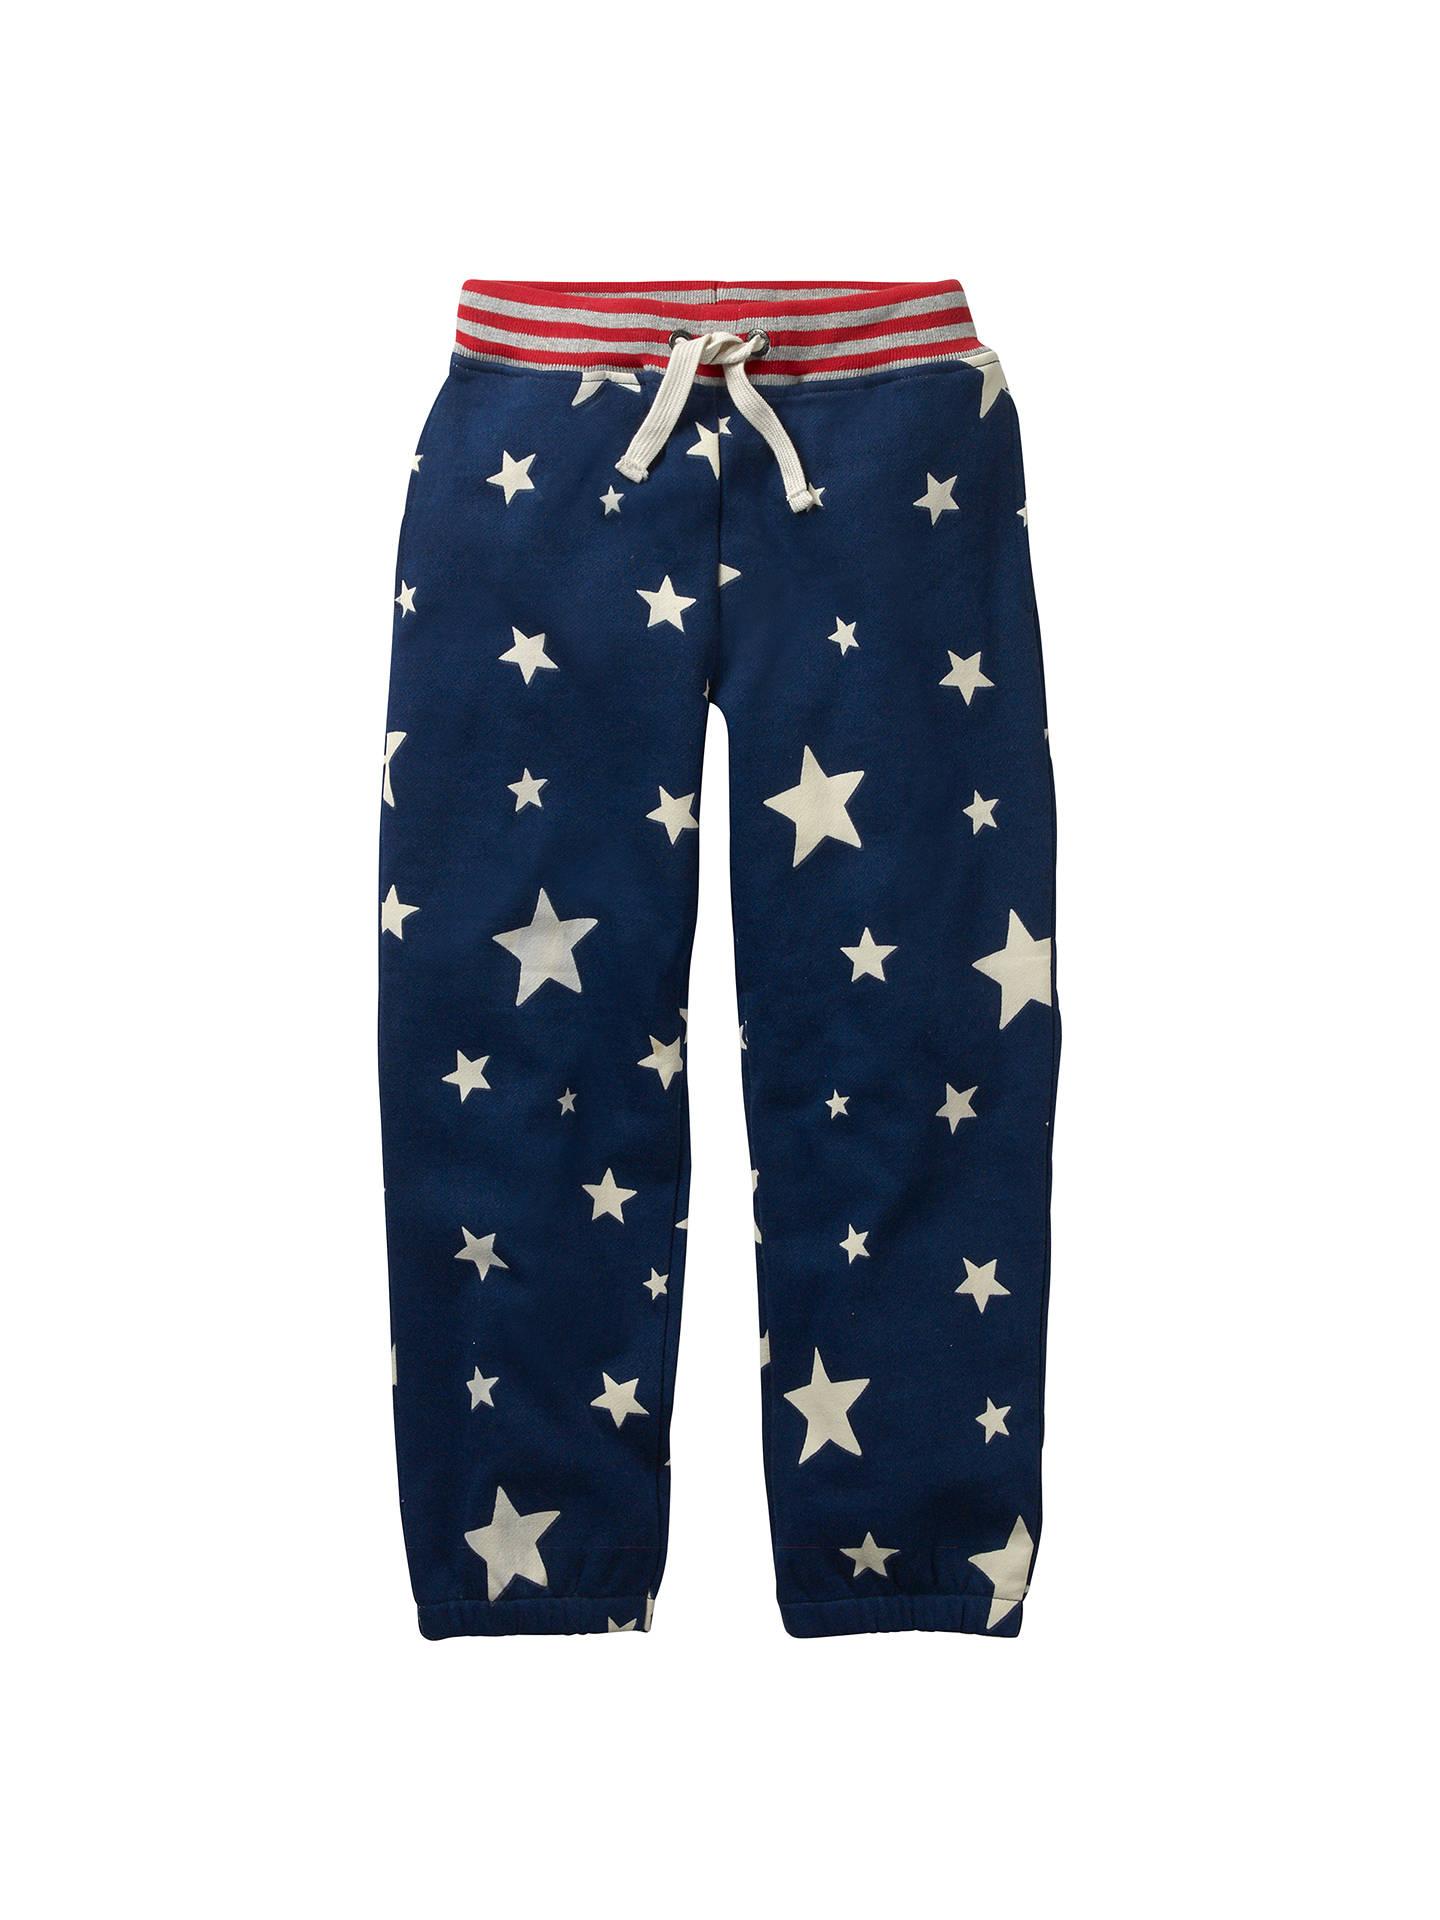 a22901204e BuyMini Boden Boys  Fun Glow In The Dark Track Trousers